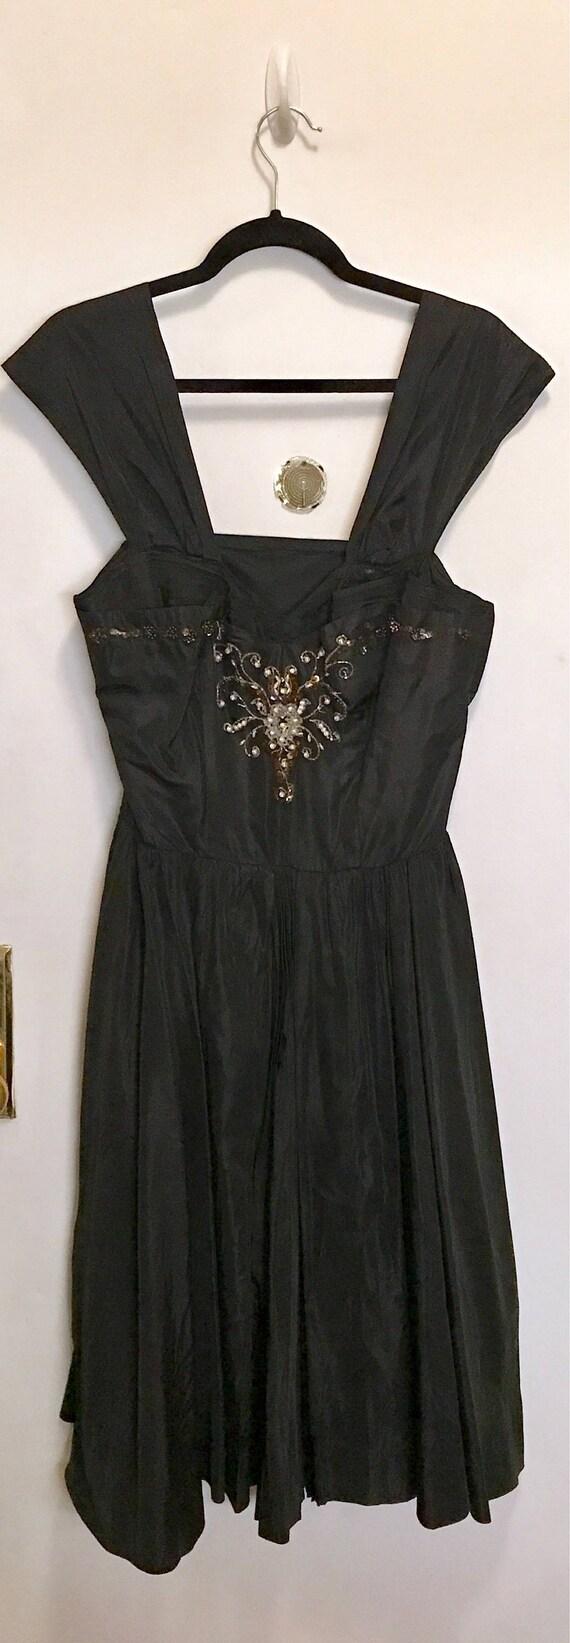 Jahrgang 1950 schwarz Taft Partei Kleid 50er Jahre Pailletten